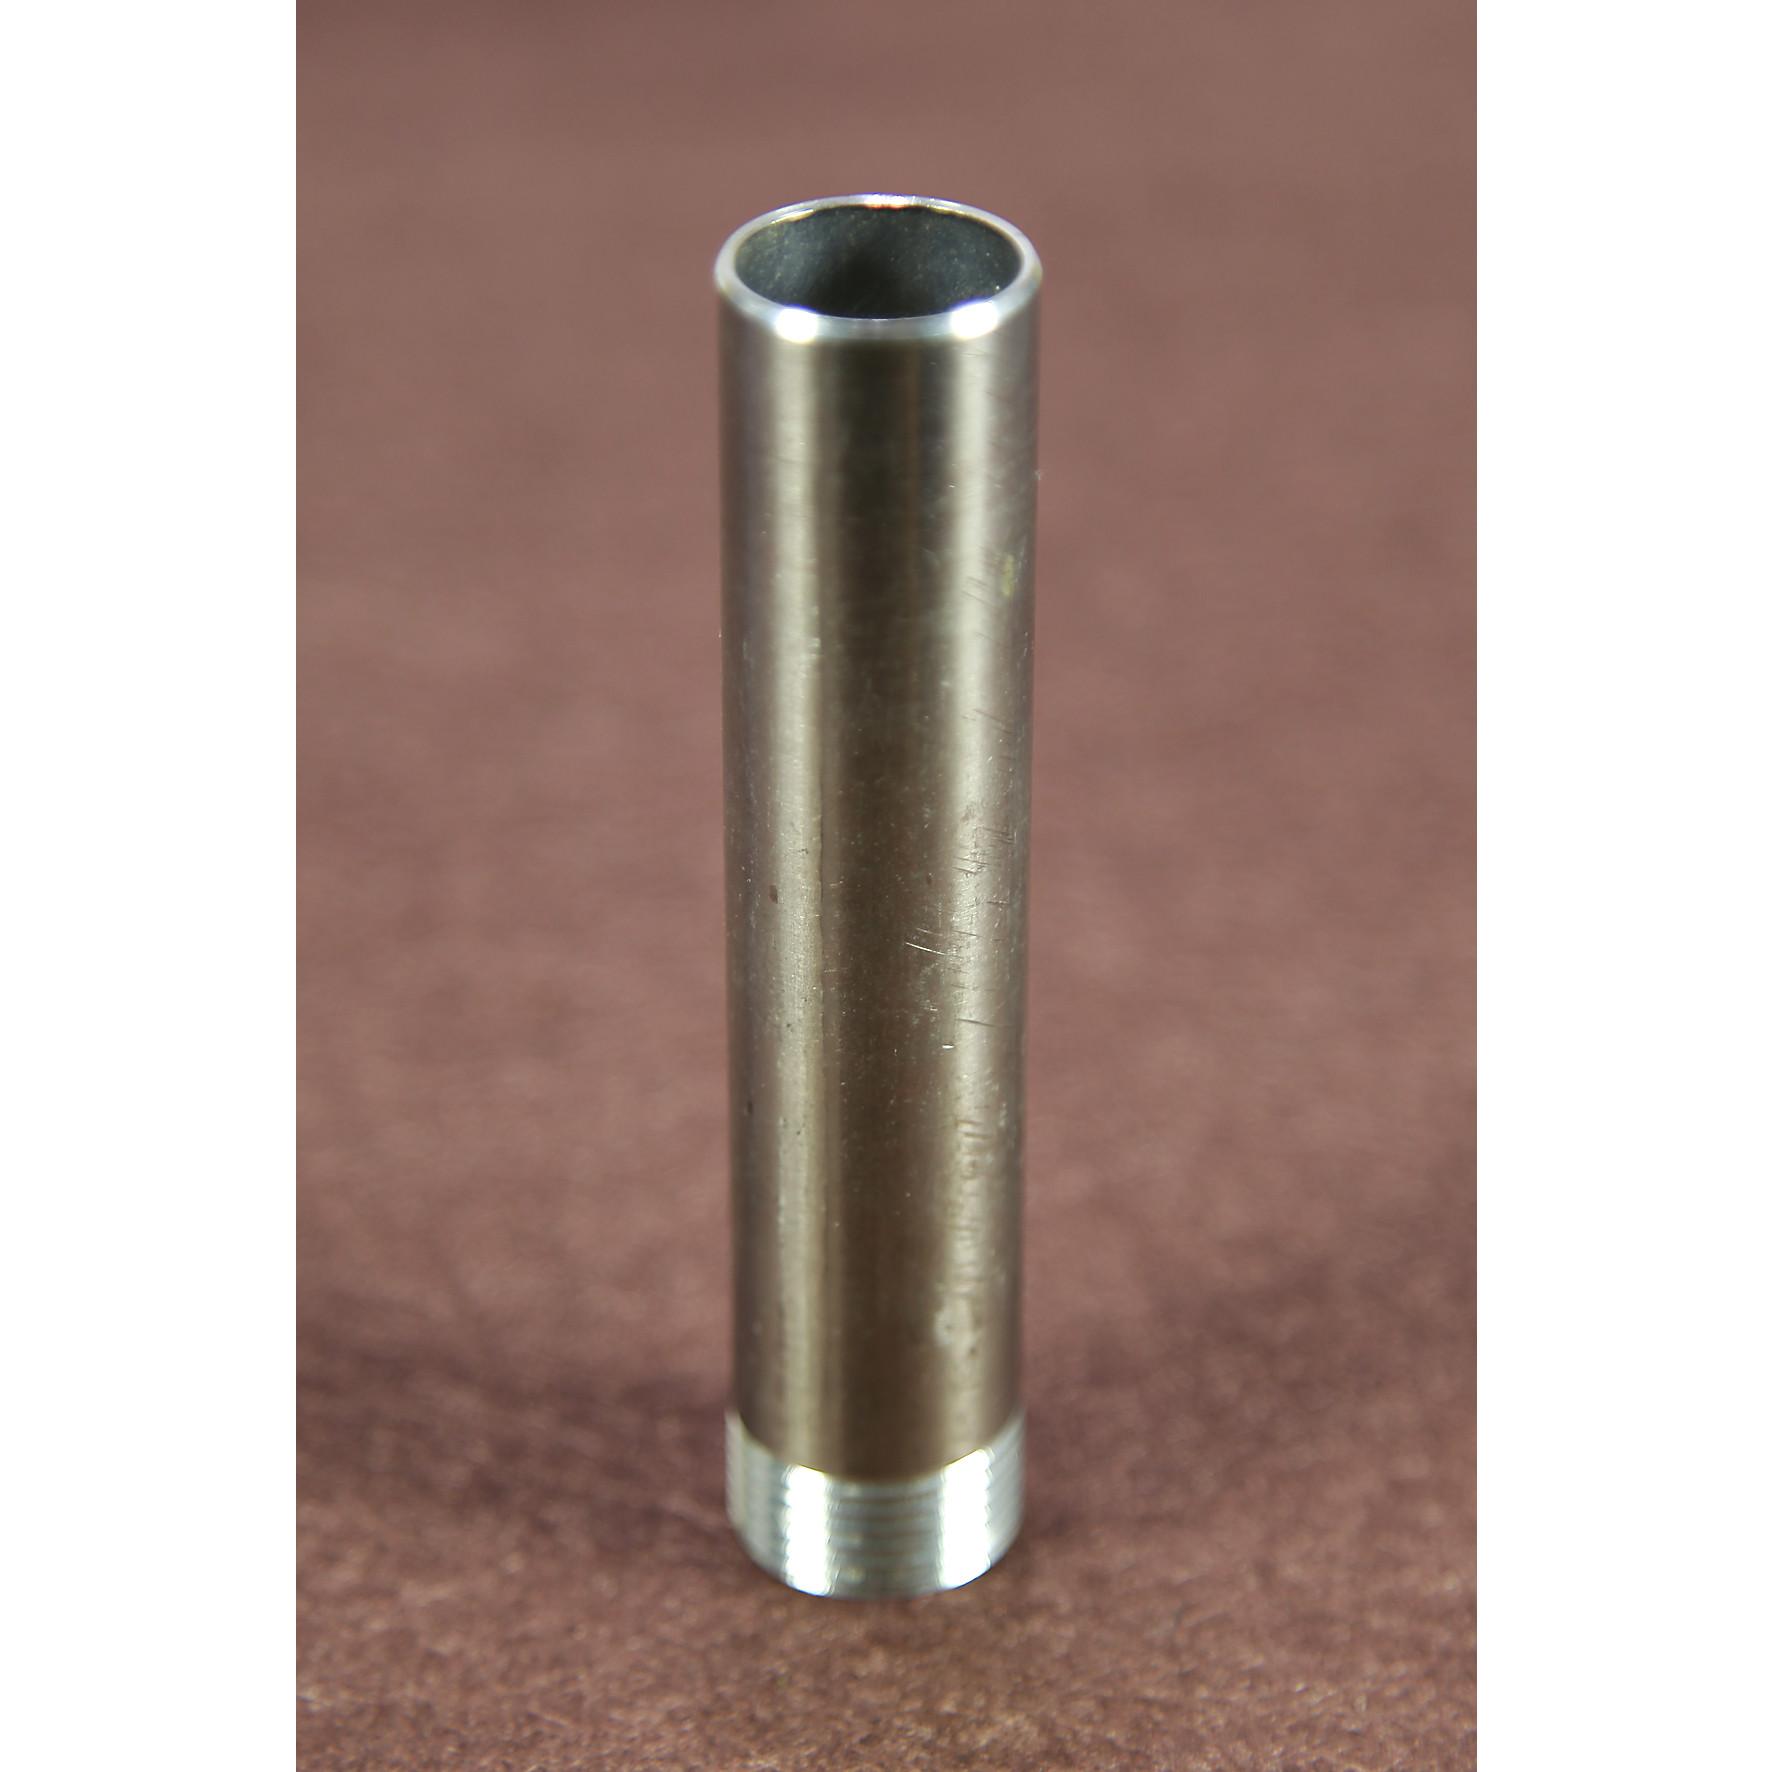 Ty - gioăng (ron) silicon - cao su chịu nhiệt phi 27 dùng cho máy nước nóng năng lượng mặt trời